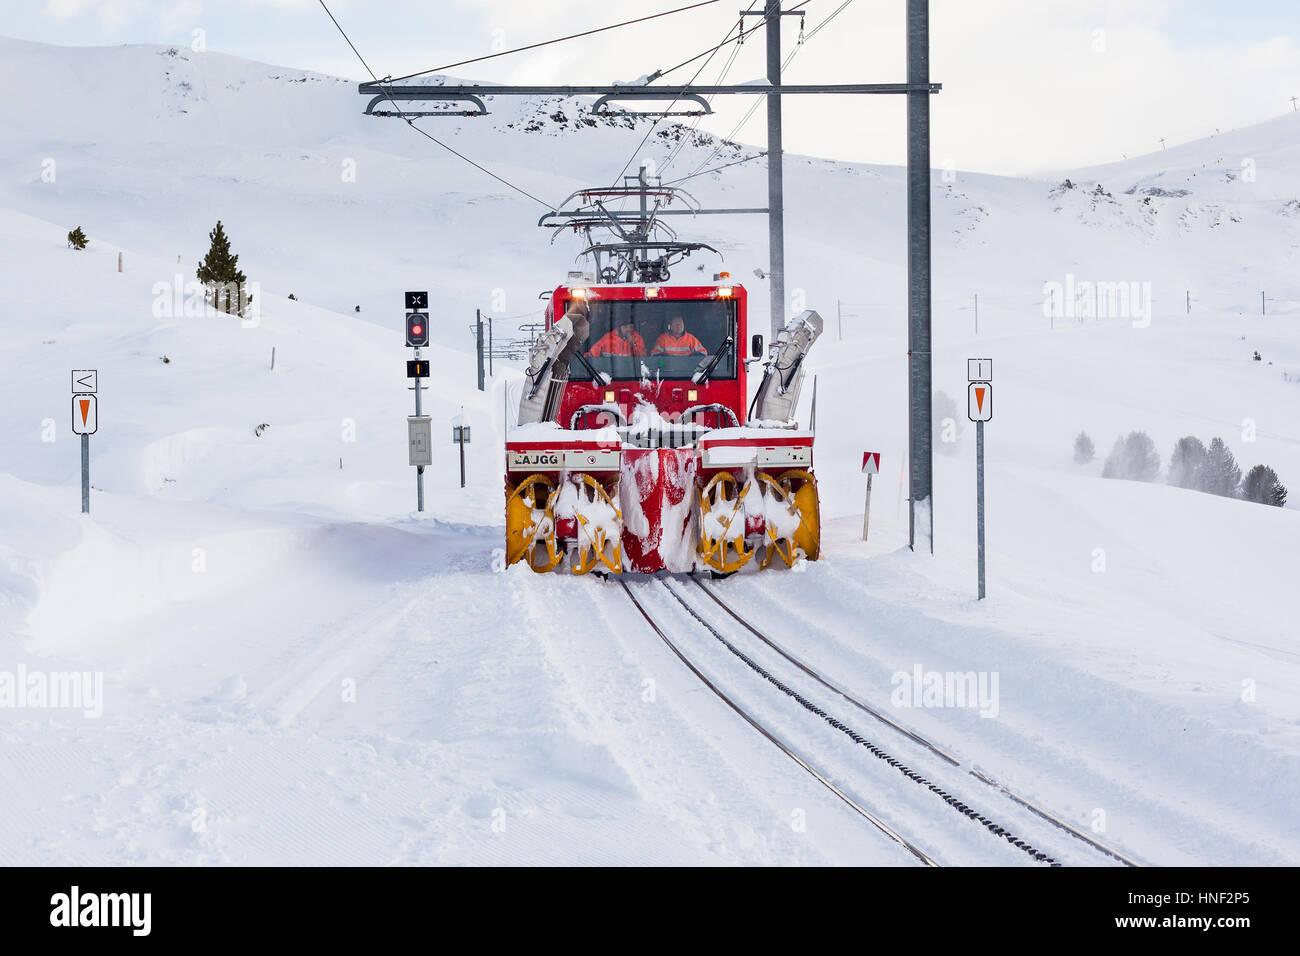 GRINDELWALD, Schweiz - 3. Februar 2014: Löscht eine Lokomotive mit Schneefräse Anhänge Schnee von Stockbild